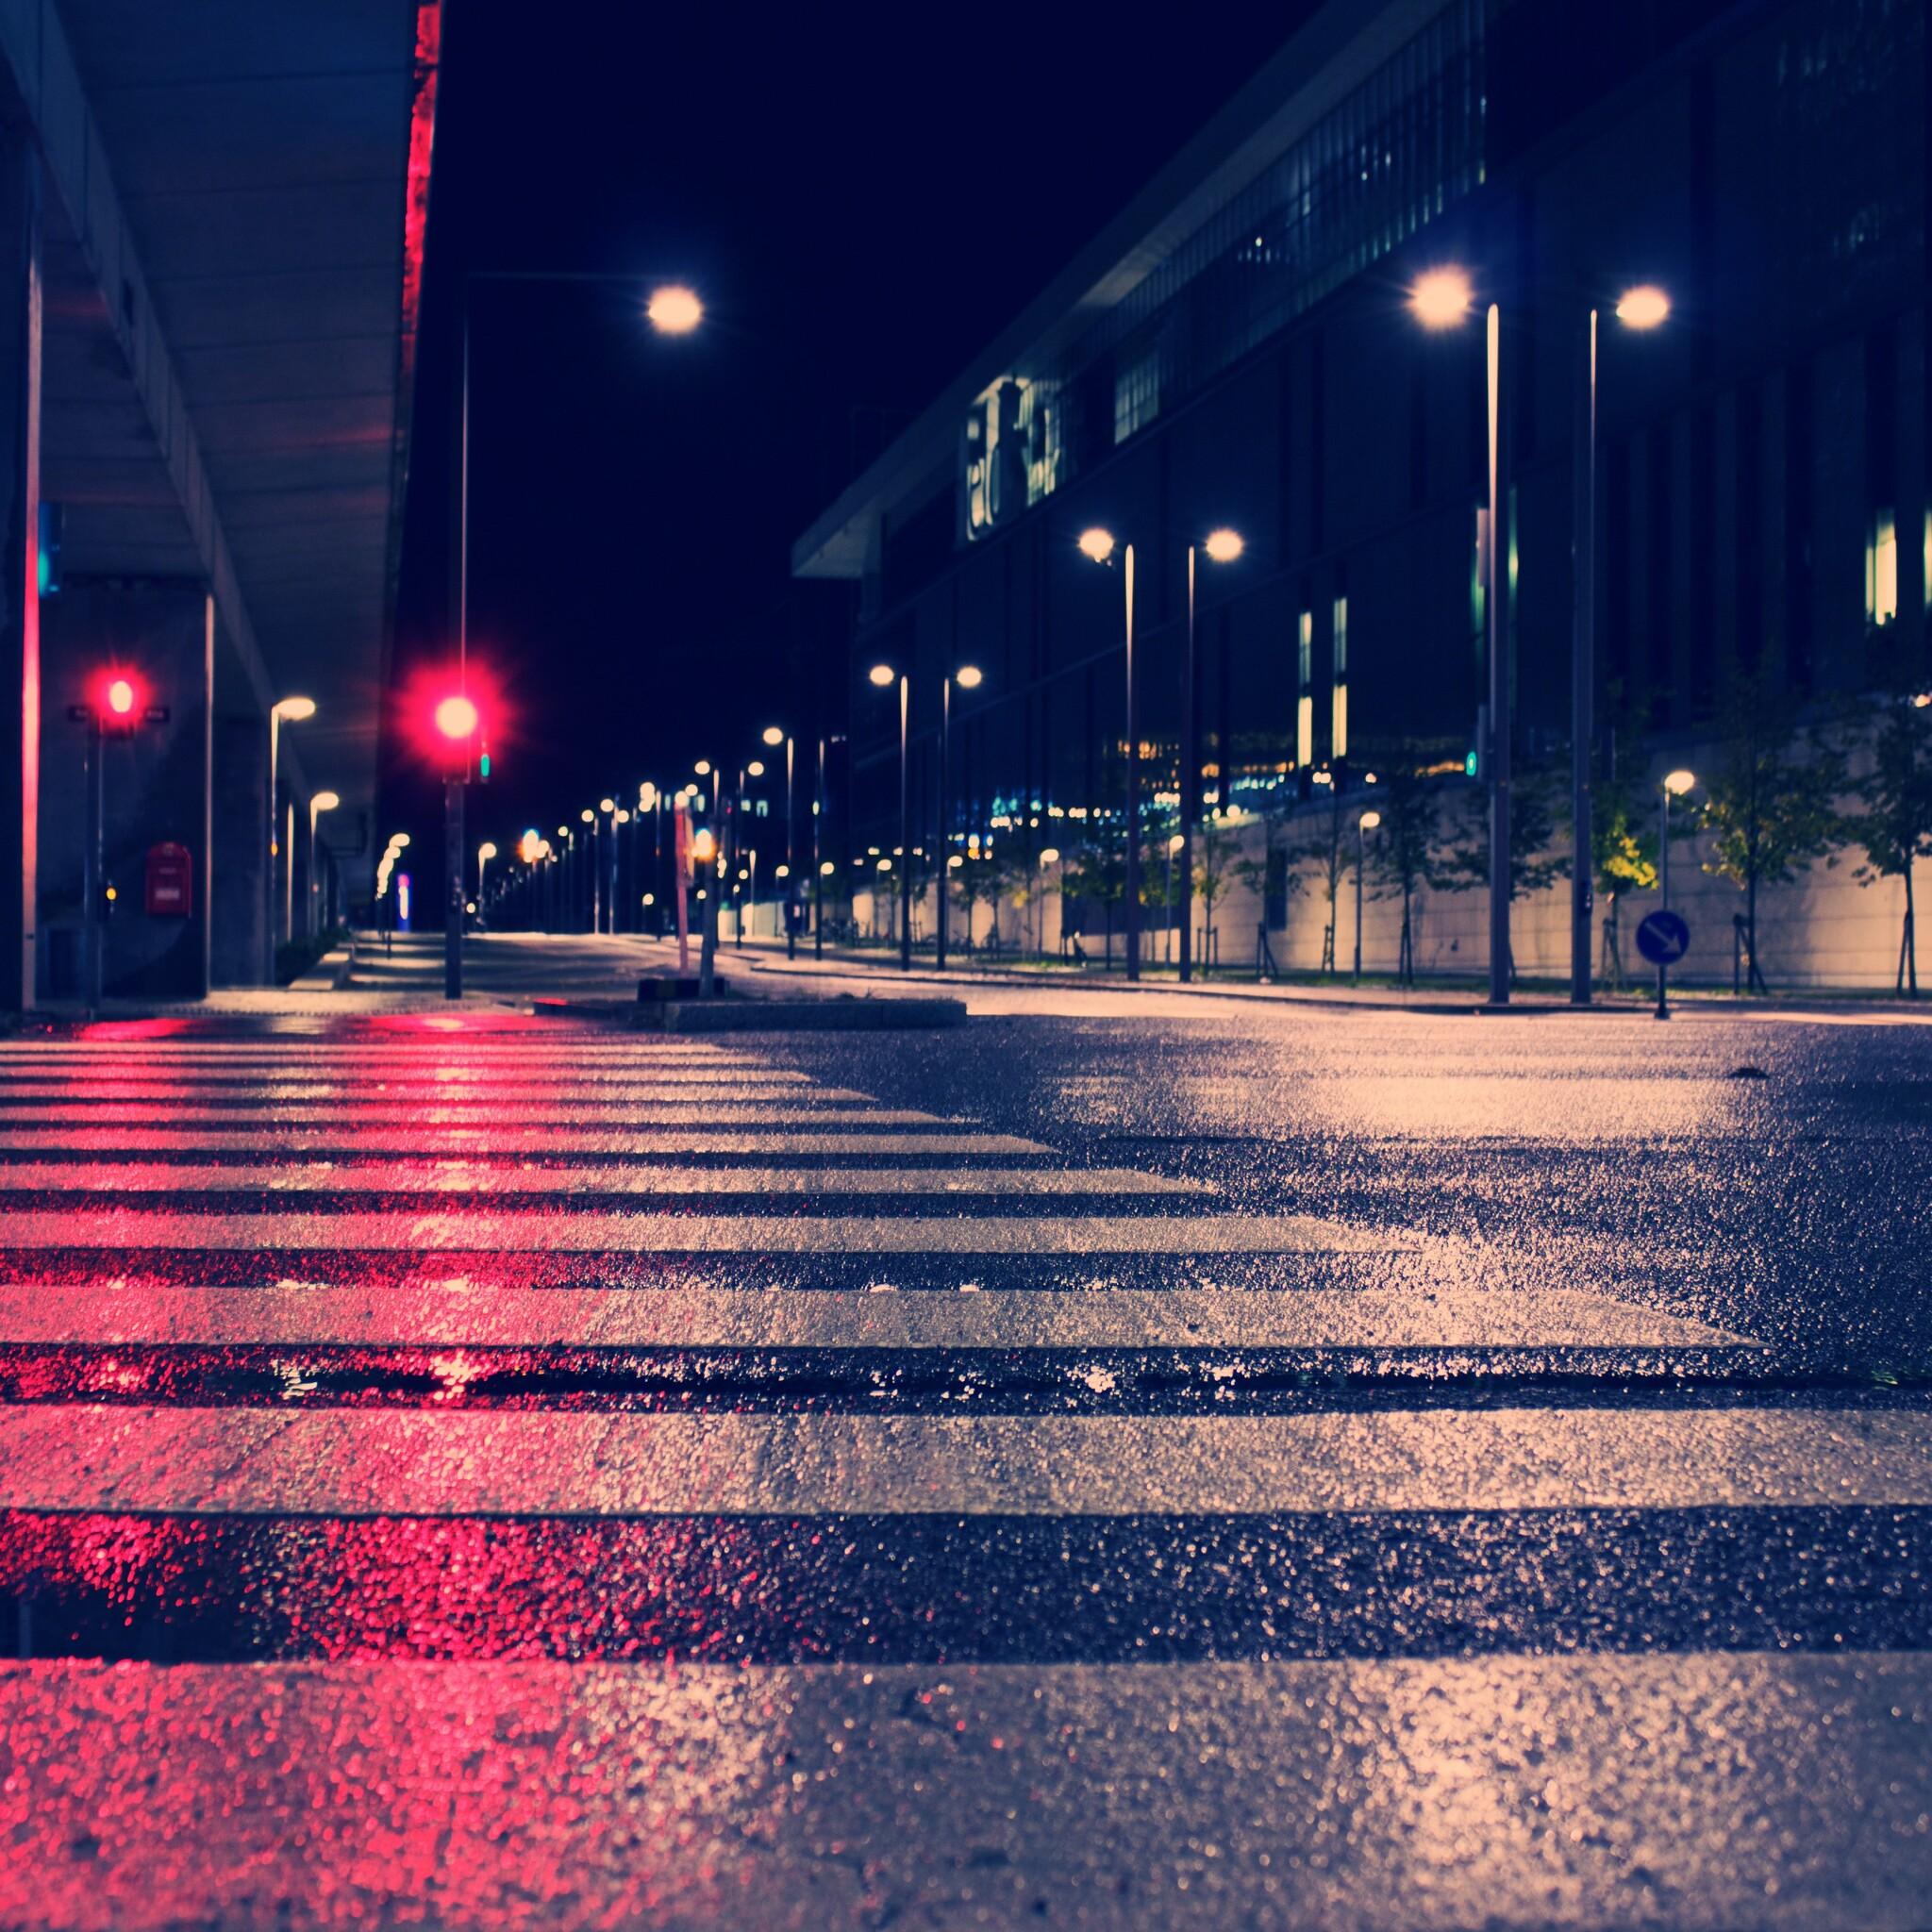 2048x2048 Night City Lights Street 4k Ipad Air HD 4k